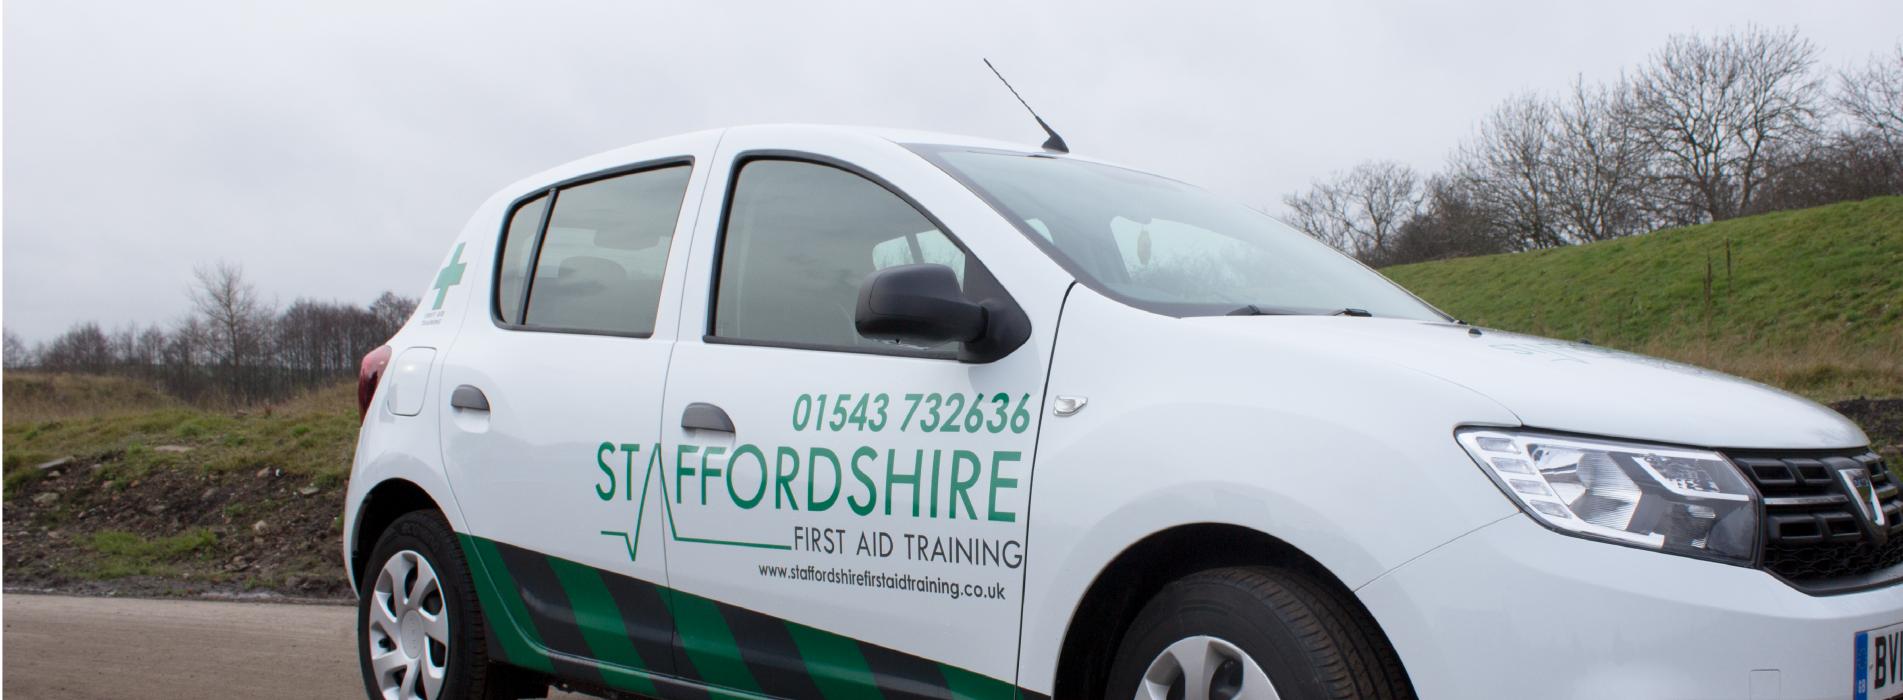 sheffield first aid training